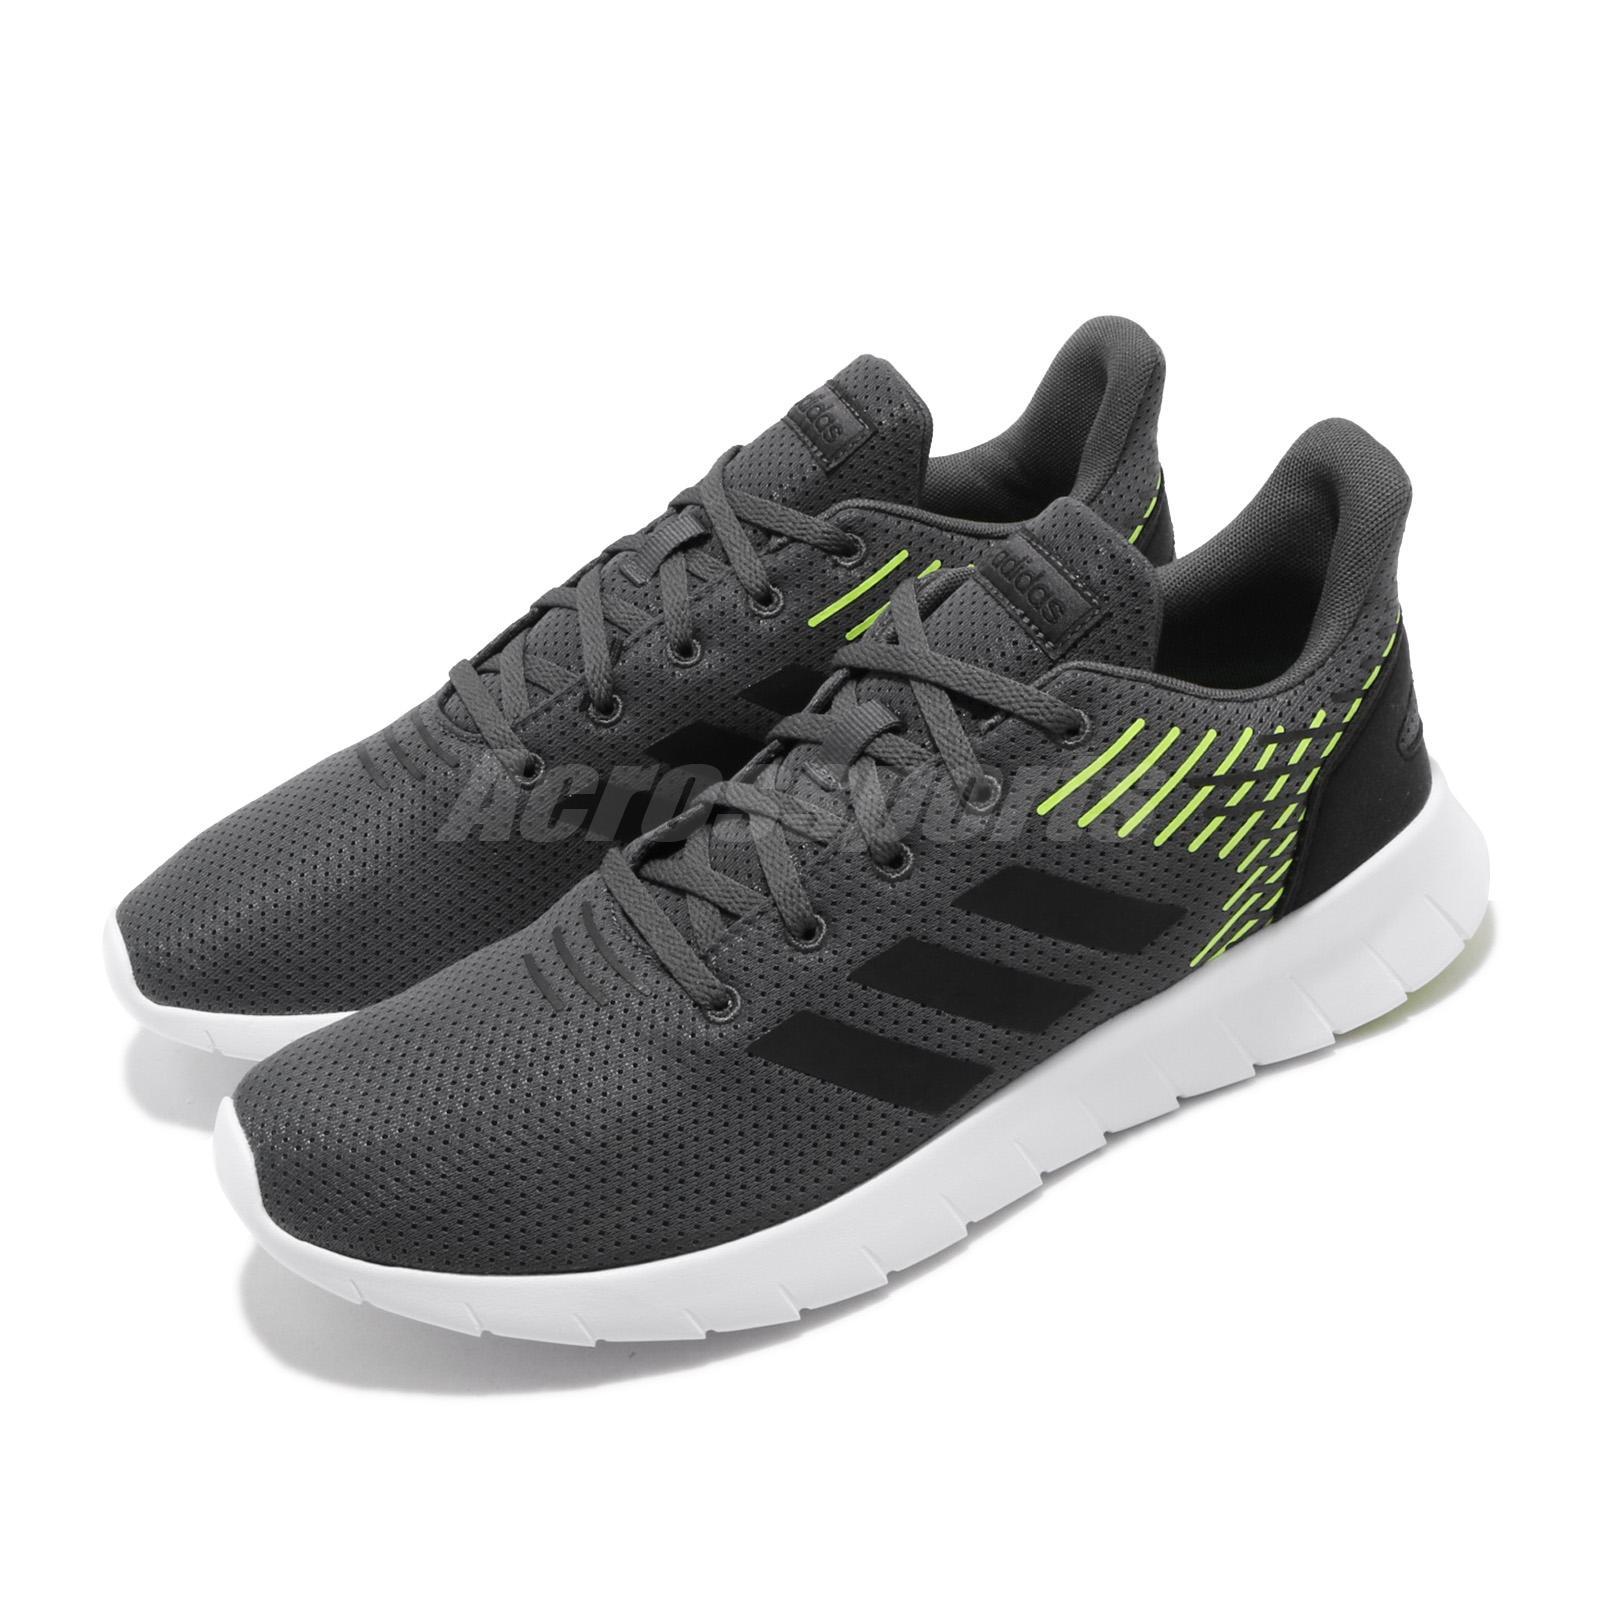 Adidas Core asweerun Hommes Baskets Baskets Chaussures De Course f36994 Gris Nouveau